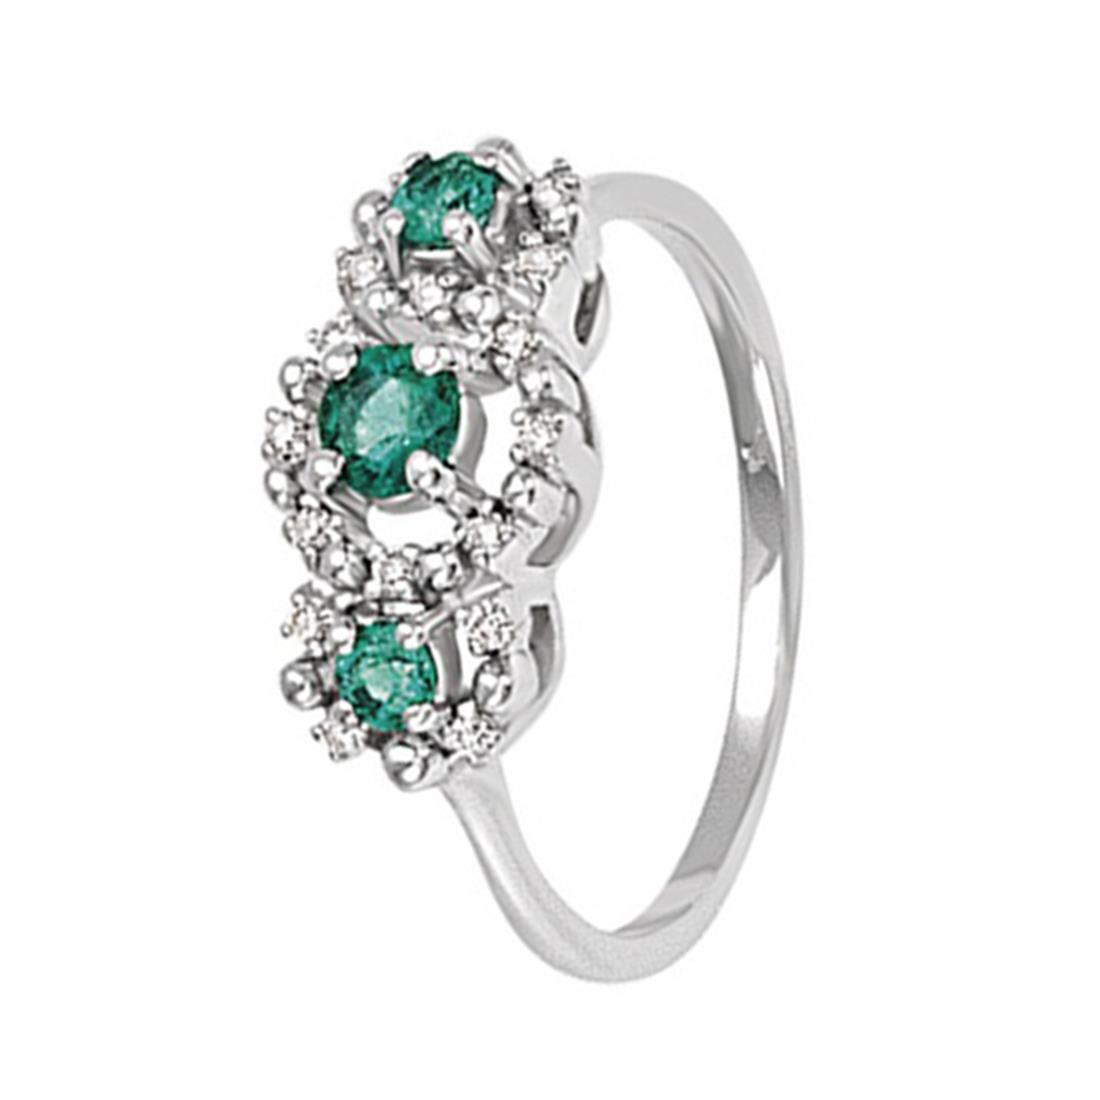 Anello con diamanti 0.08 ct e smeraldi 0.3 ct - BLISS